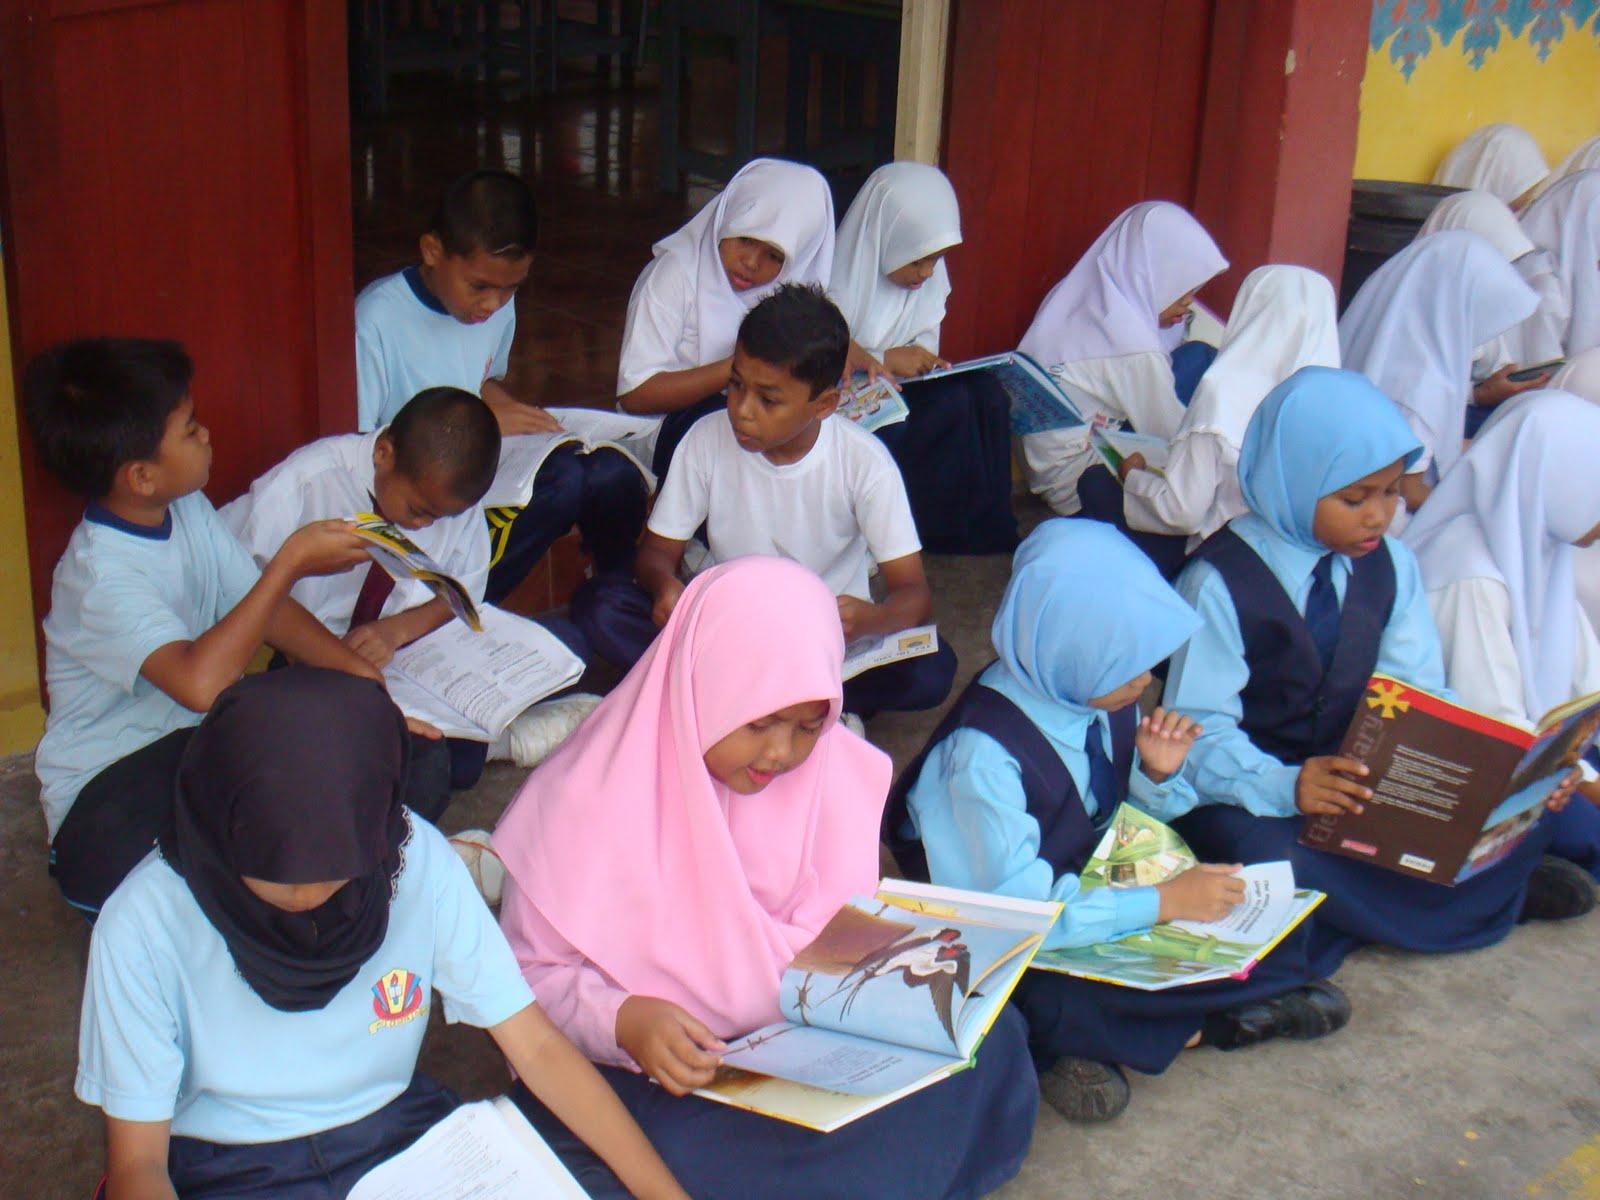 Aksi cikgu dengan murid - 1 10